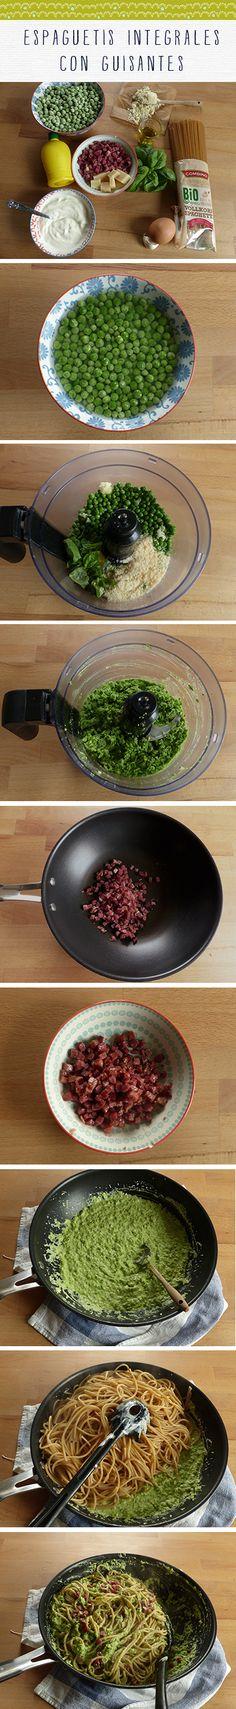 Espaguetis integrales con guisantes y albahaca - Hierbas y especias